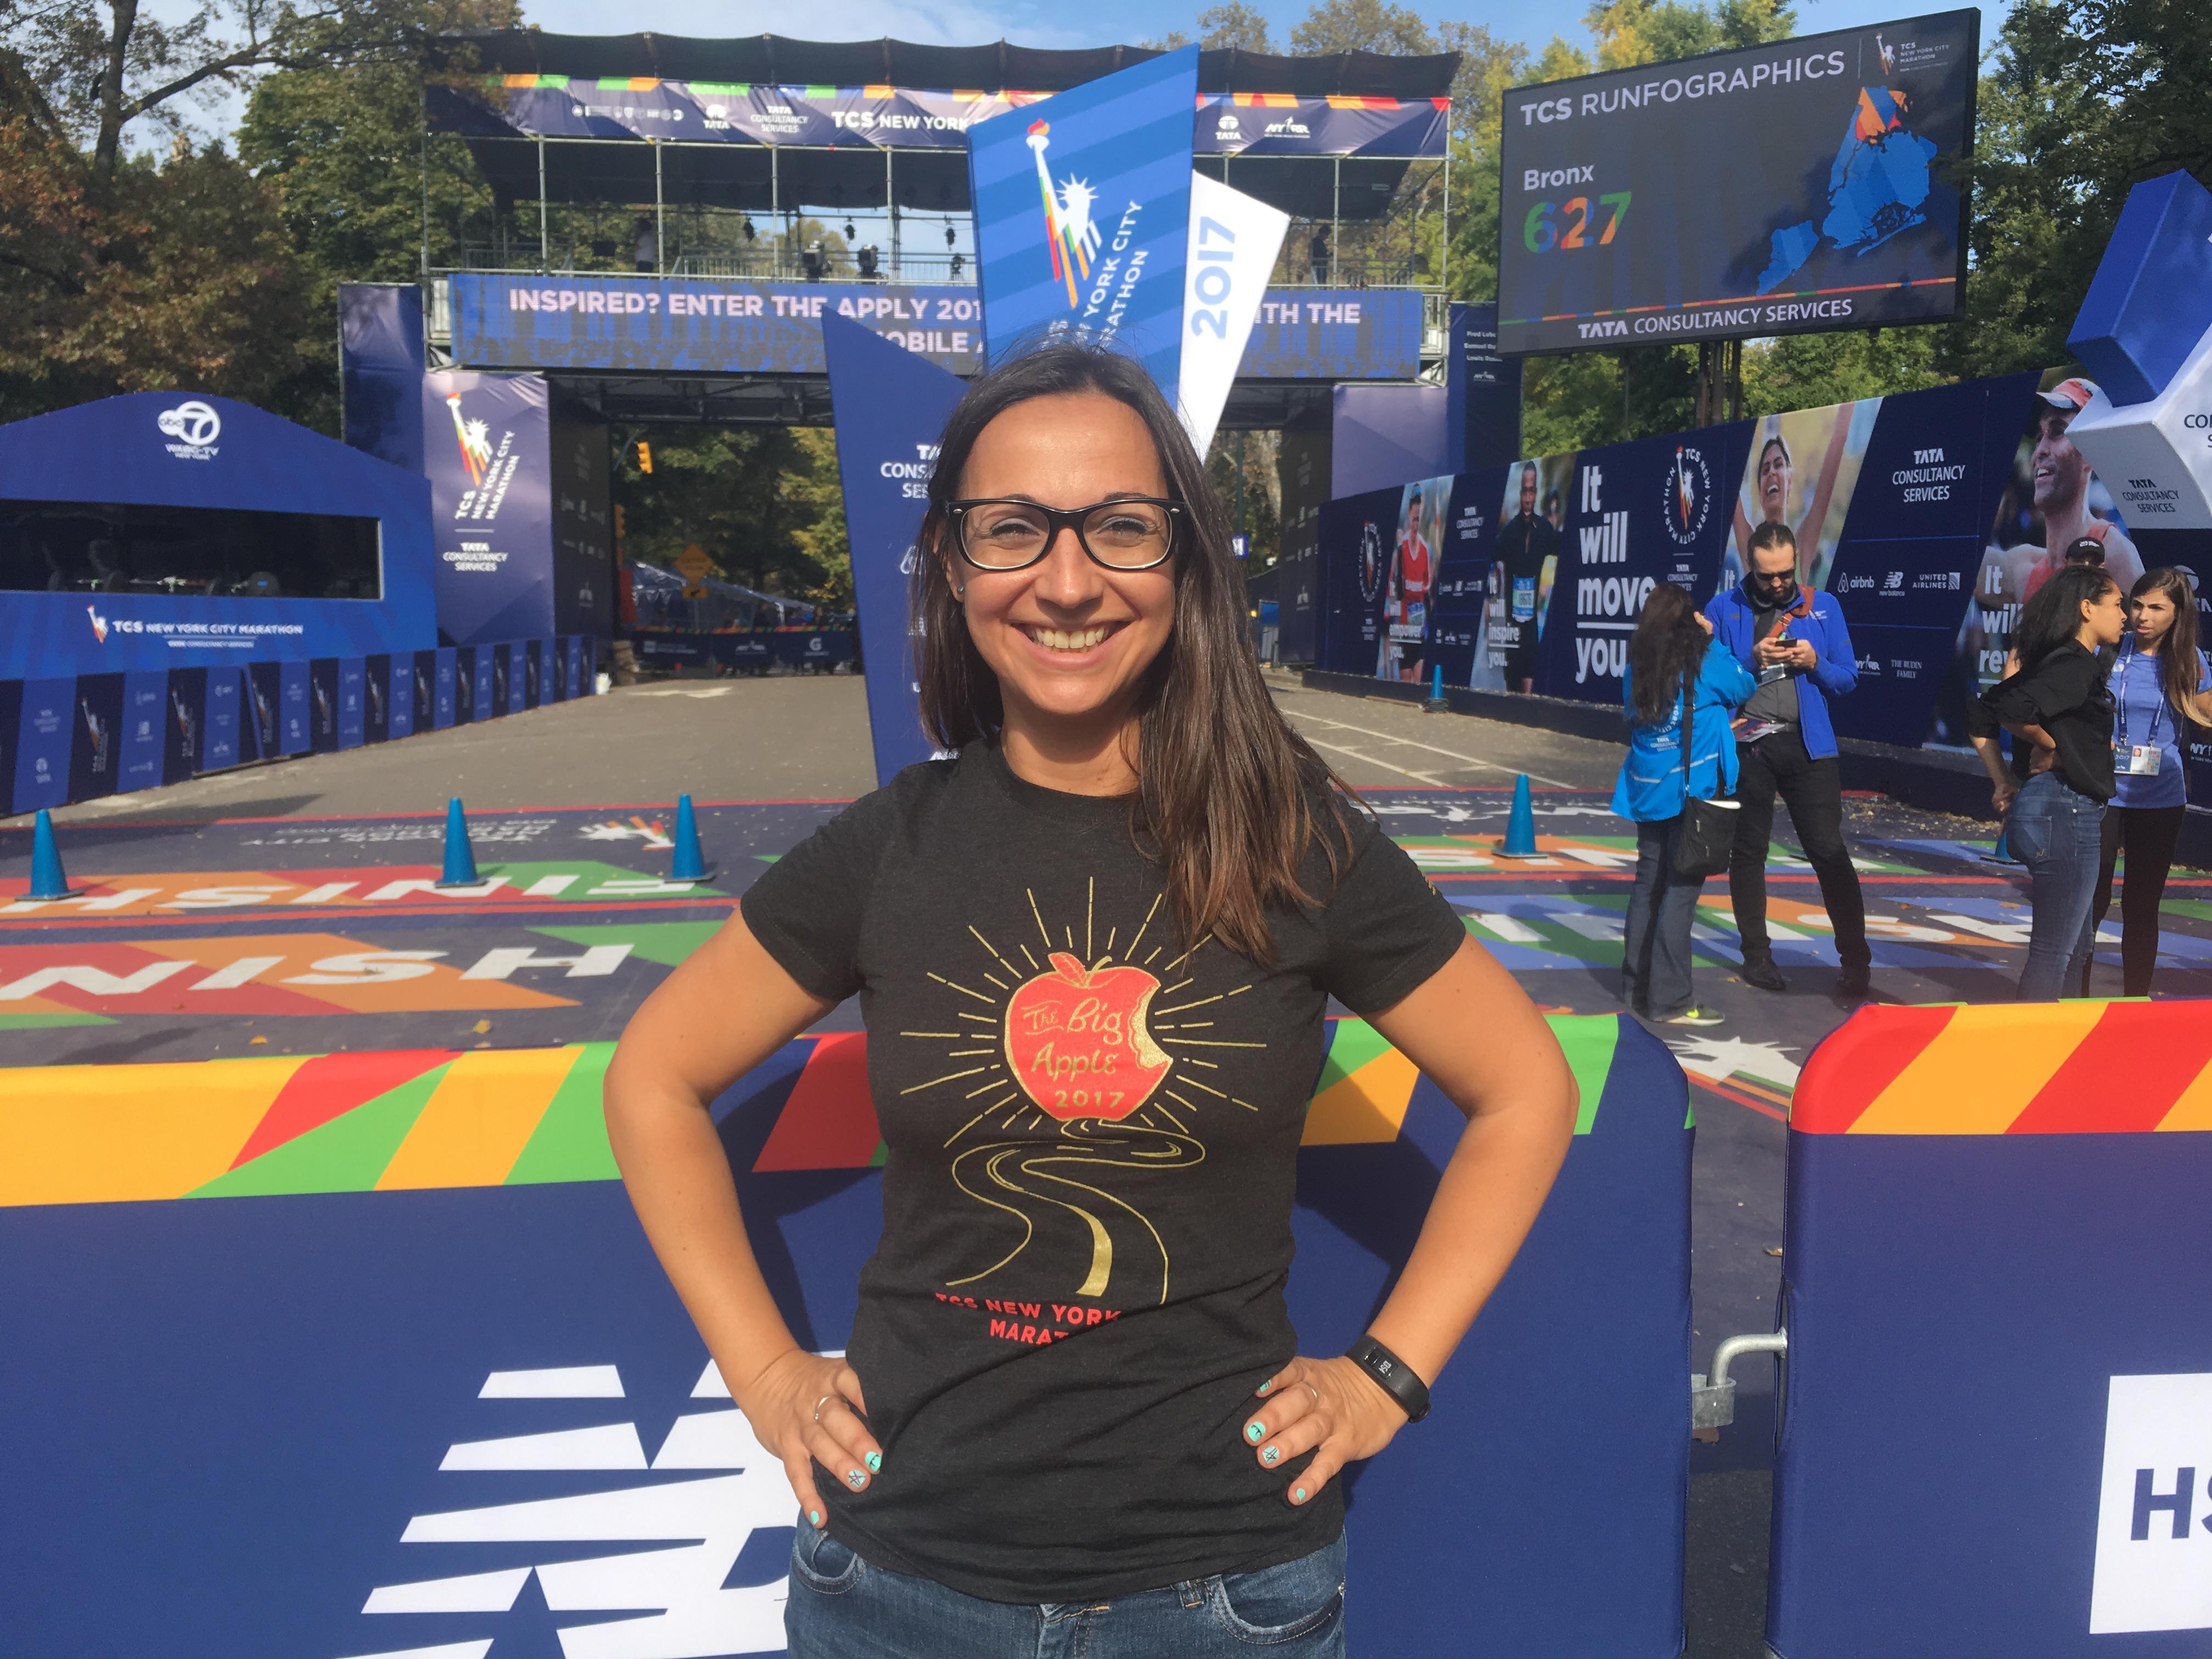 Meta de la TCS New York City Marathon en Centra Park, antes de la carrera, al lado del TCS New York City Marathon Pavilion